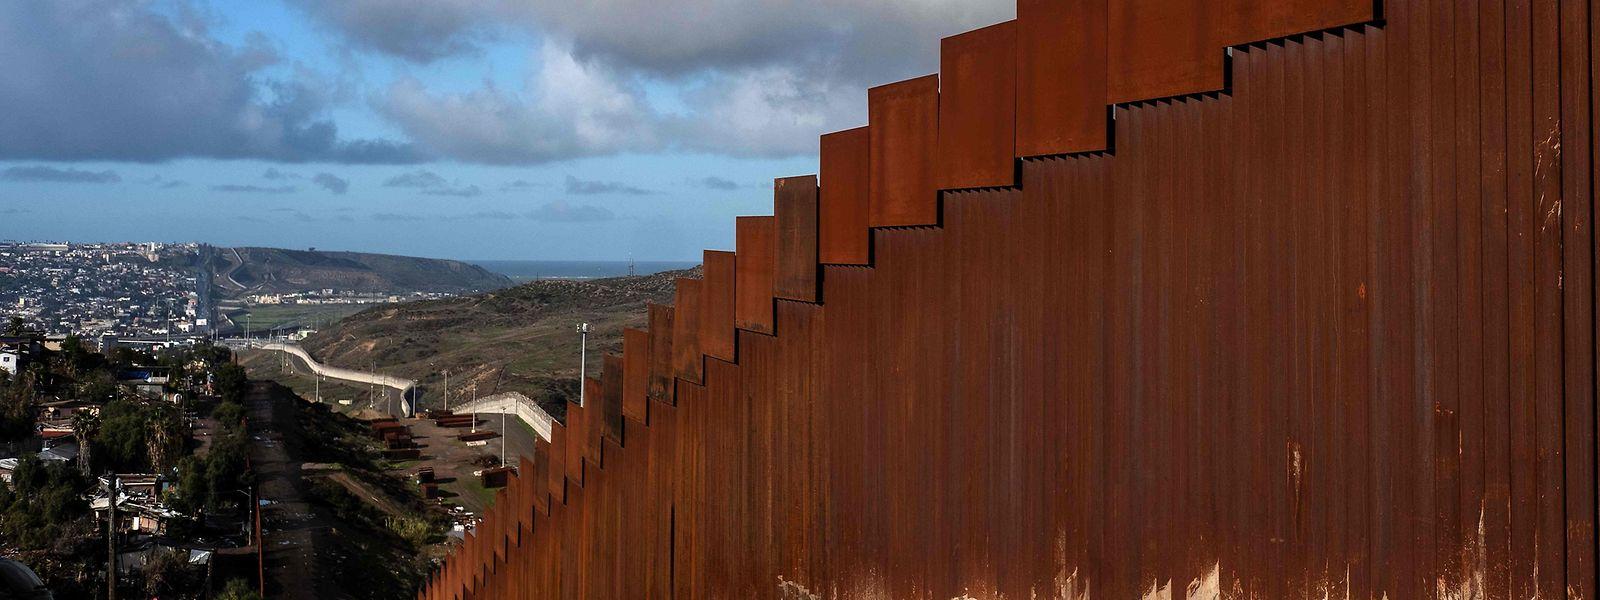 Trump hatte bereits zuvor angekündigt, dass er im Januar die Grenze besuchen wolle, um sich dort ein Bild von der Lage zu machen.